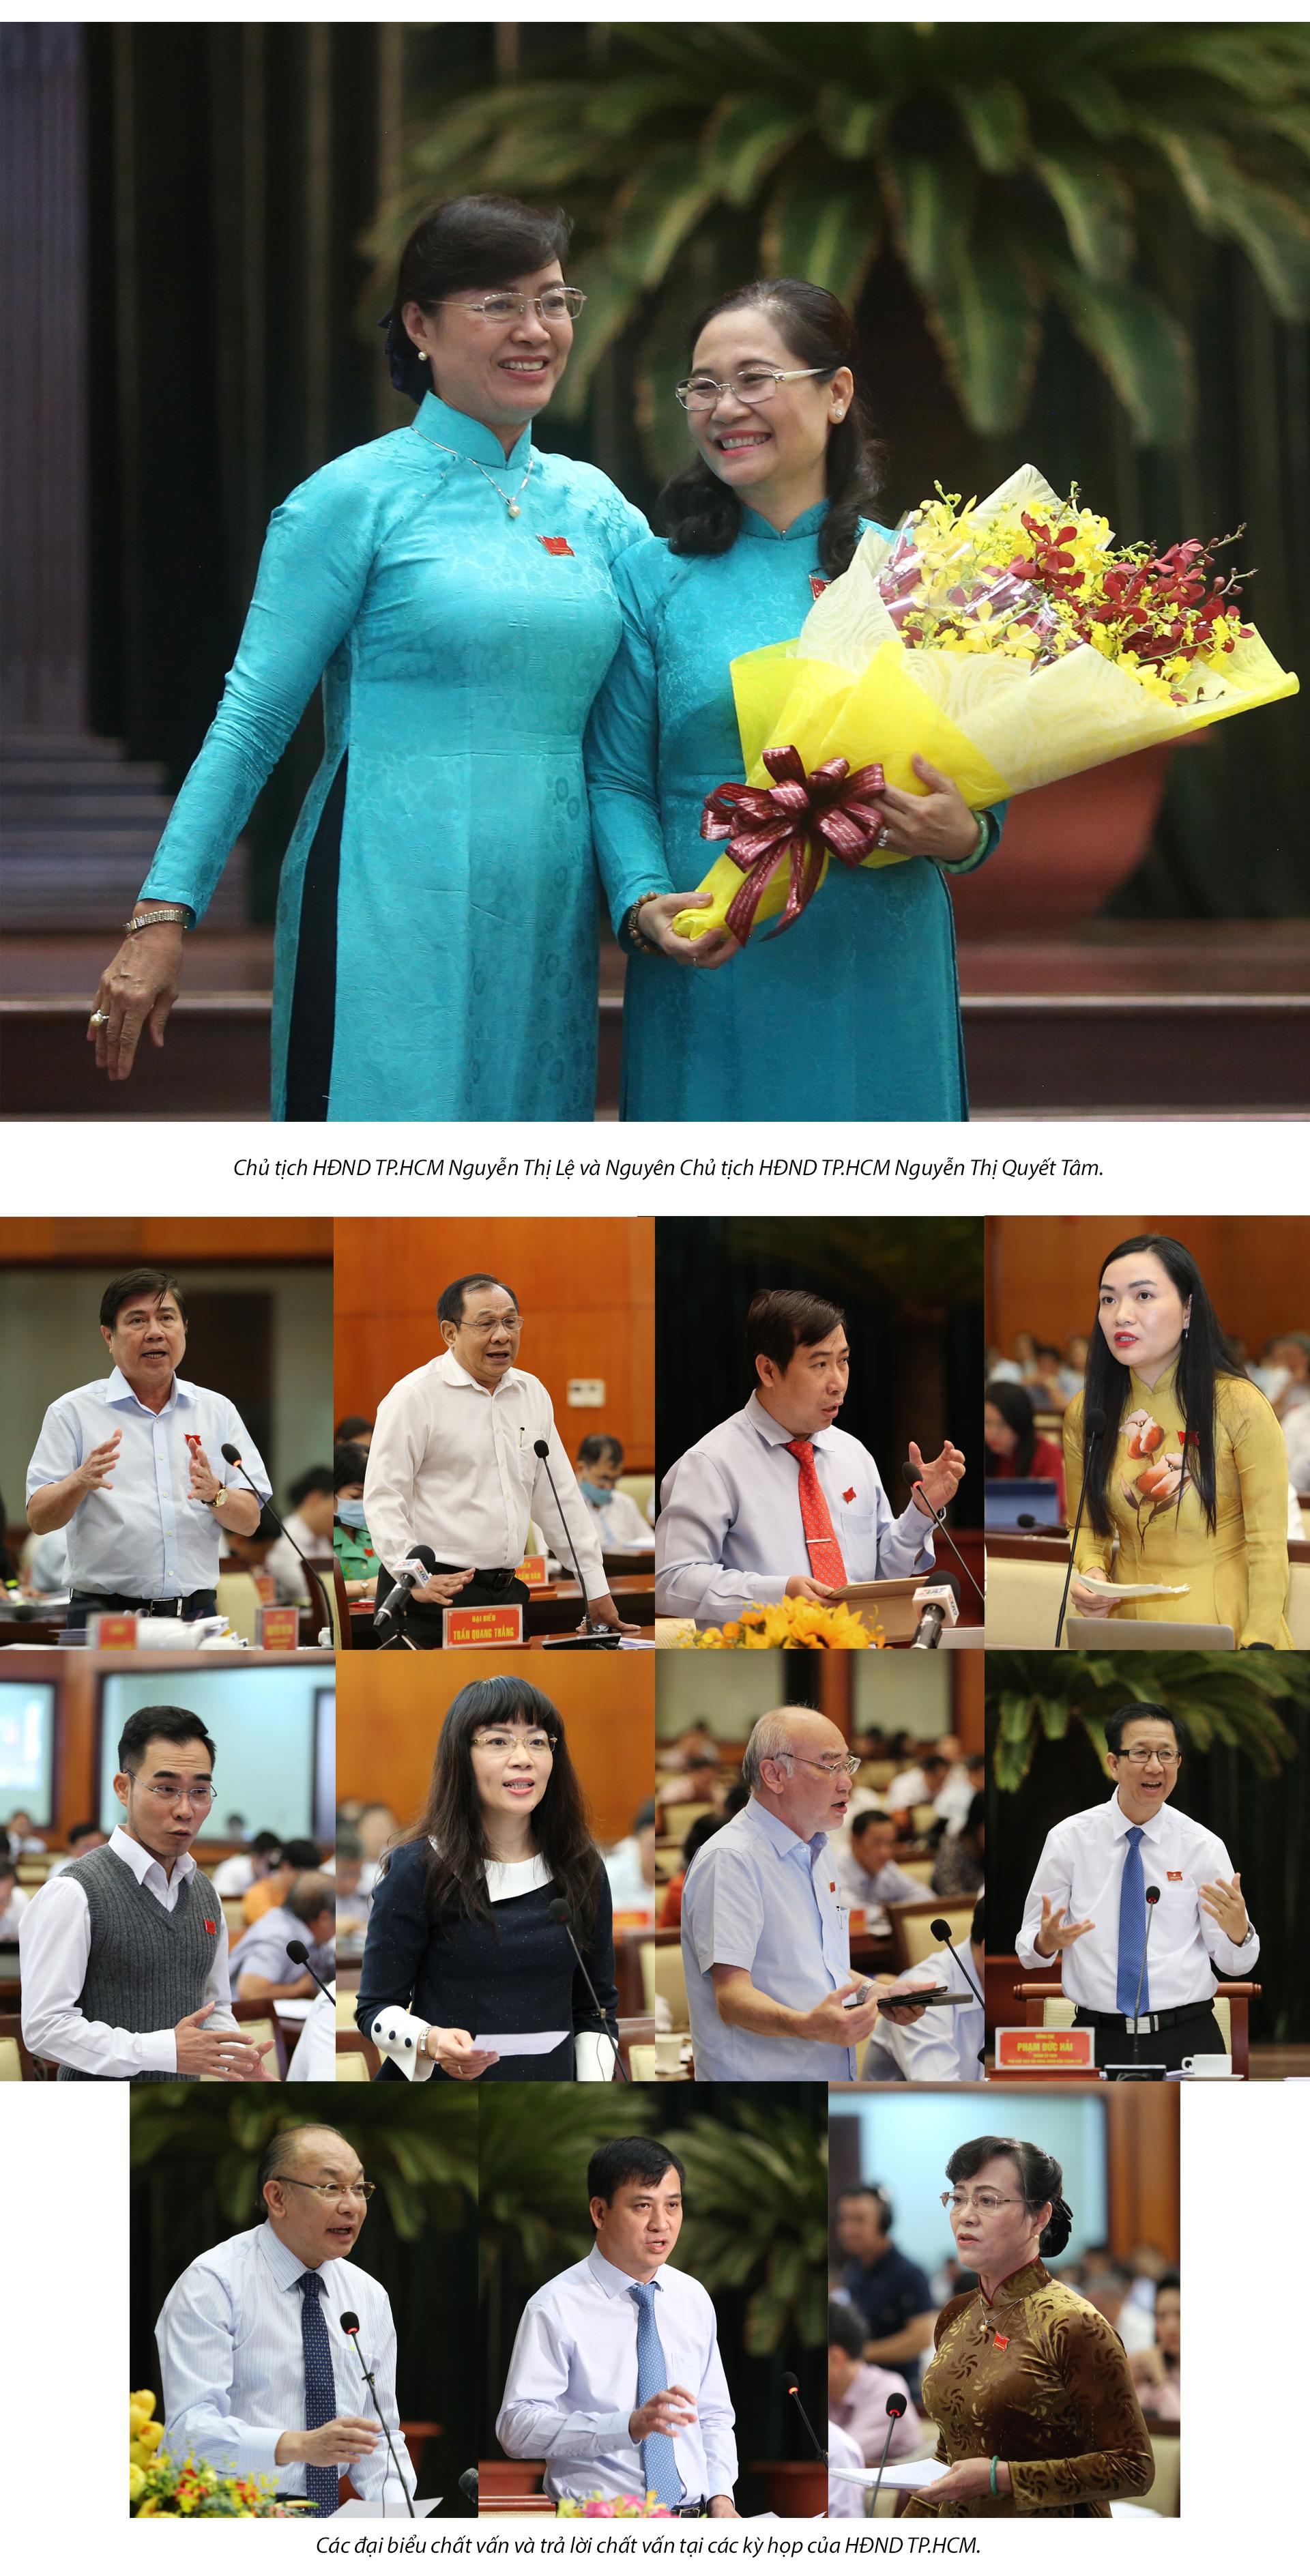 Emagazine: HĐND TP.HCM và 5 dấu ấn của nhiệm kỳ 2016-2021 - ảnh 1